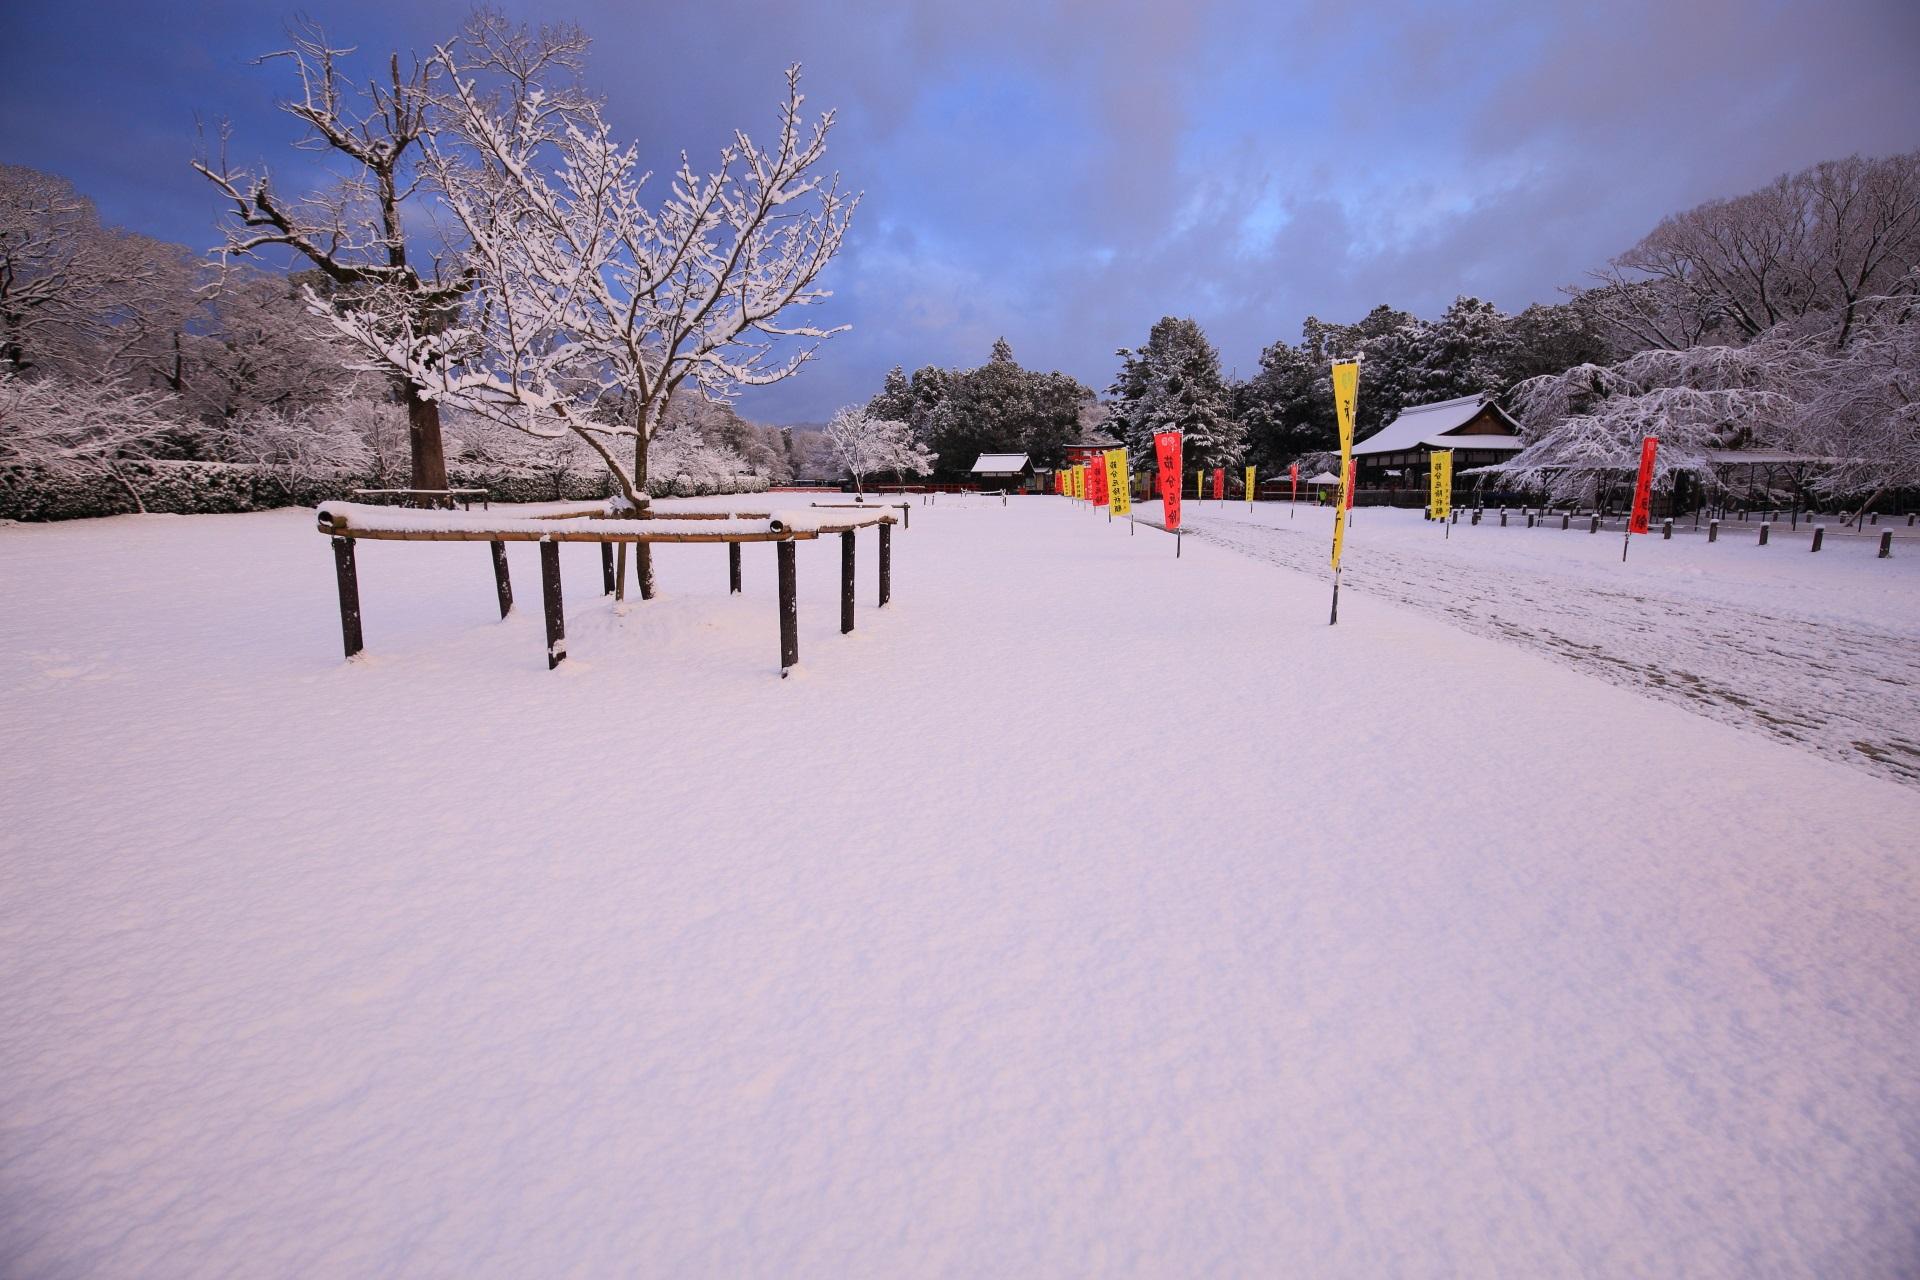 上賀茂神社の青空の下の真っ白な雪の境内